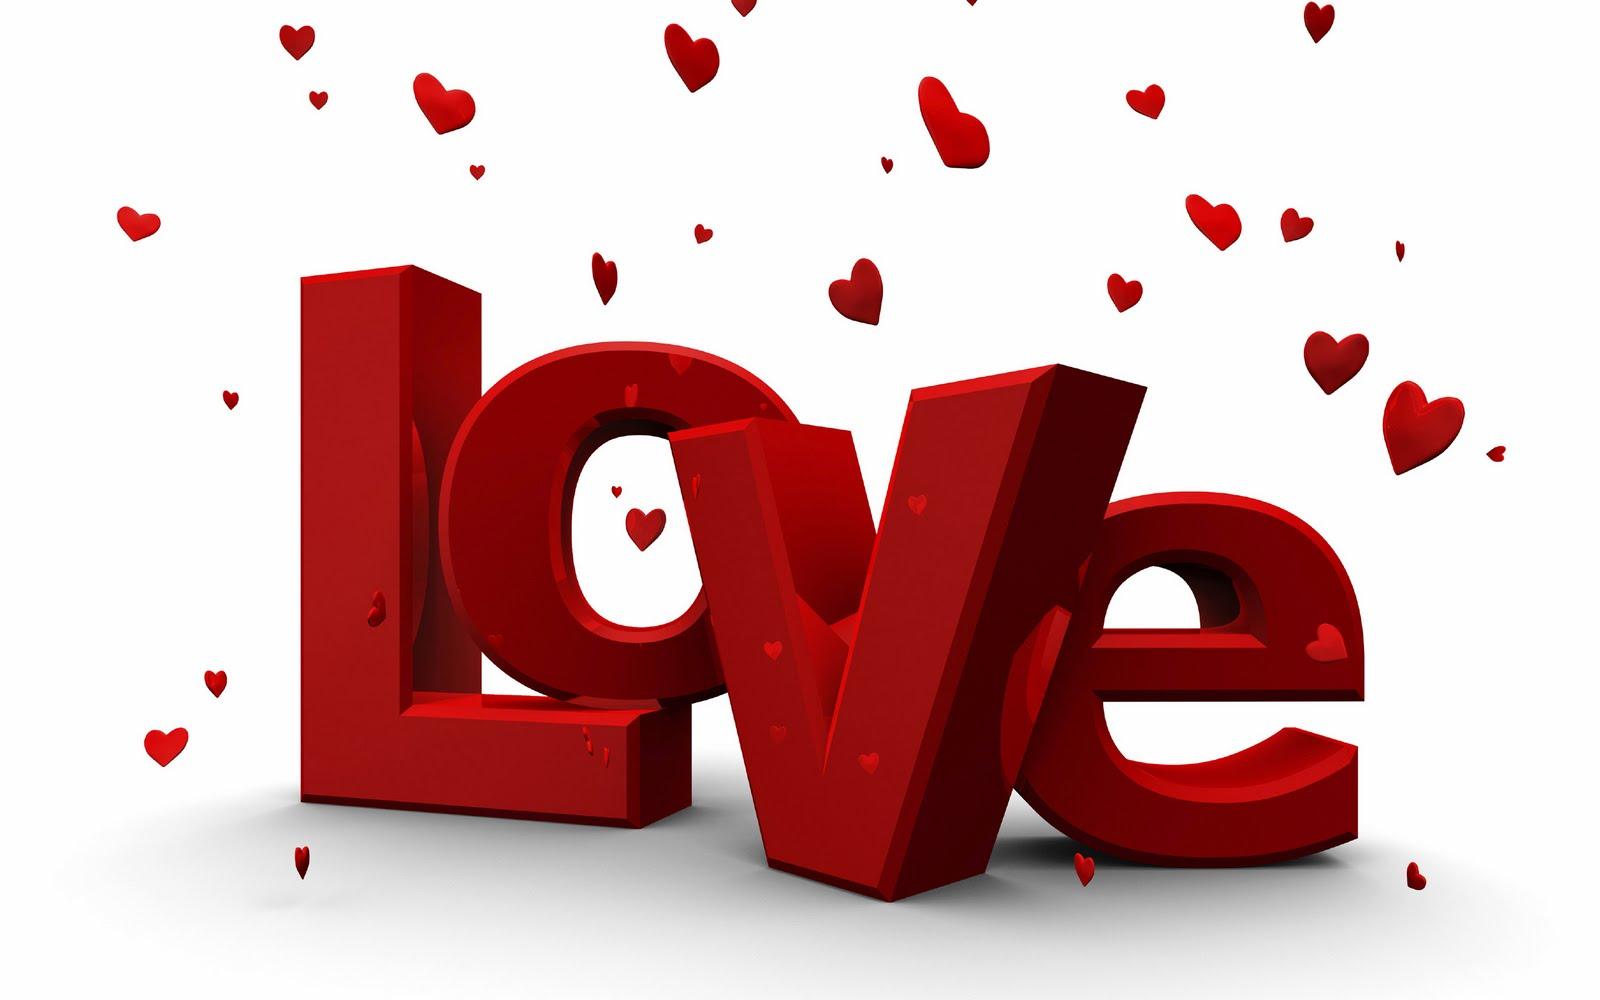 Imagem de fundo - love, com corações vermelhos